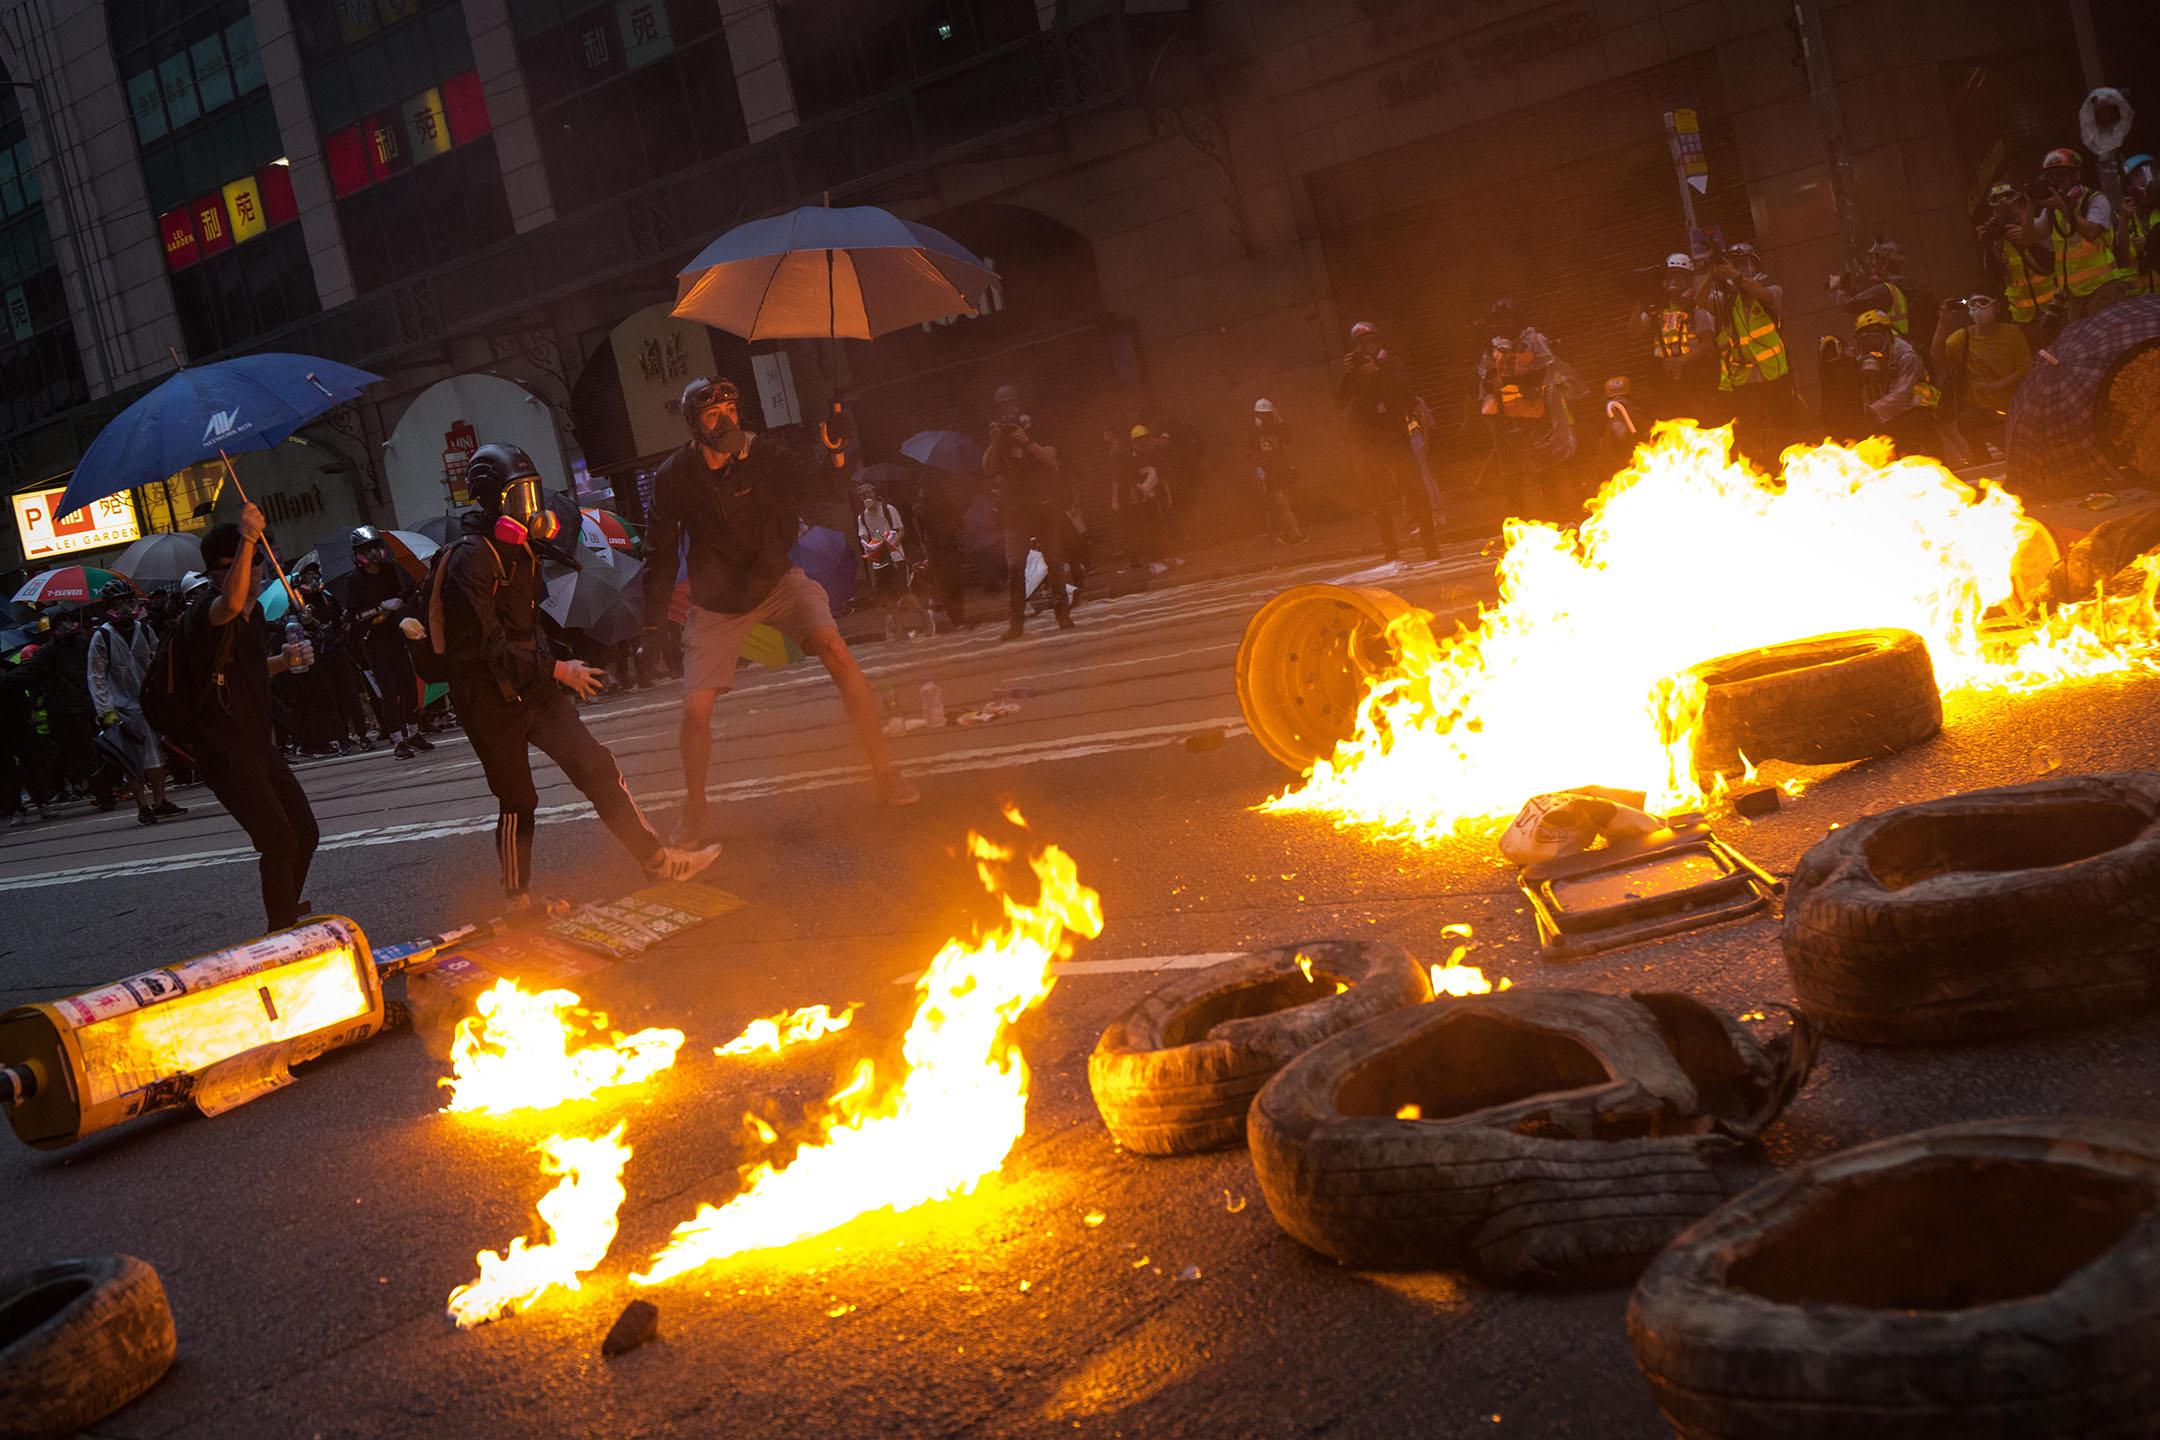 10月6日,傍晚6點左右,港島,示威者焚燒雜物,製造防線。 攝:陳焯煇 / 端傳媒